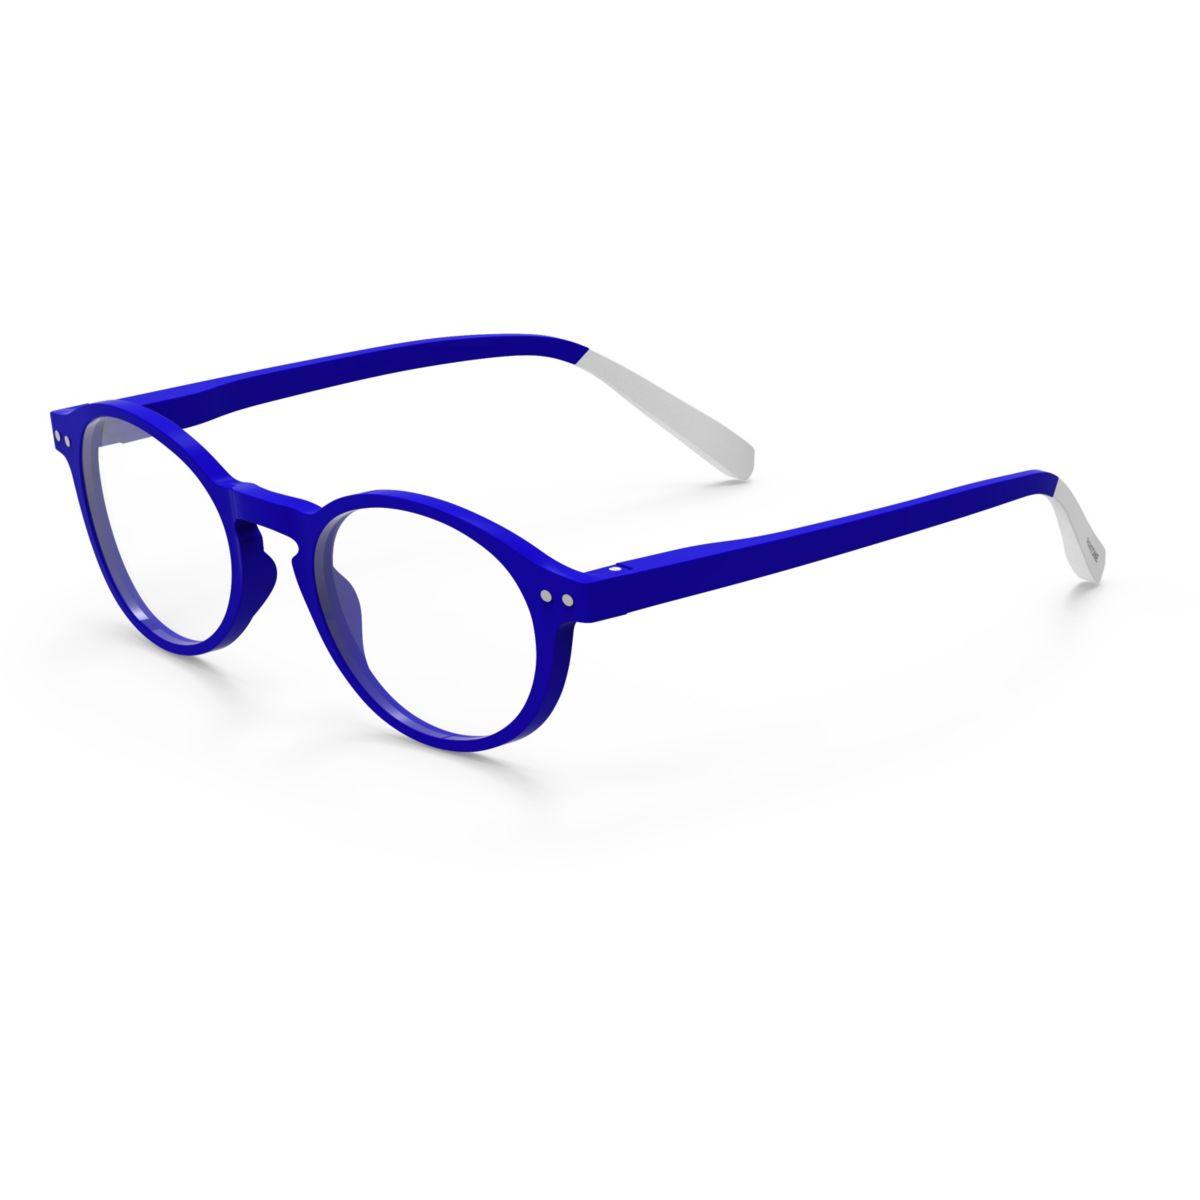 Lunette de lecture anti lumière bleue PANTONE BLEU ELEC Num2 +1.5 2en1